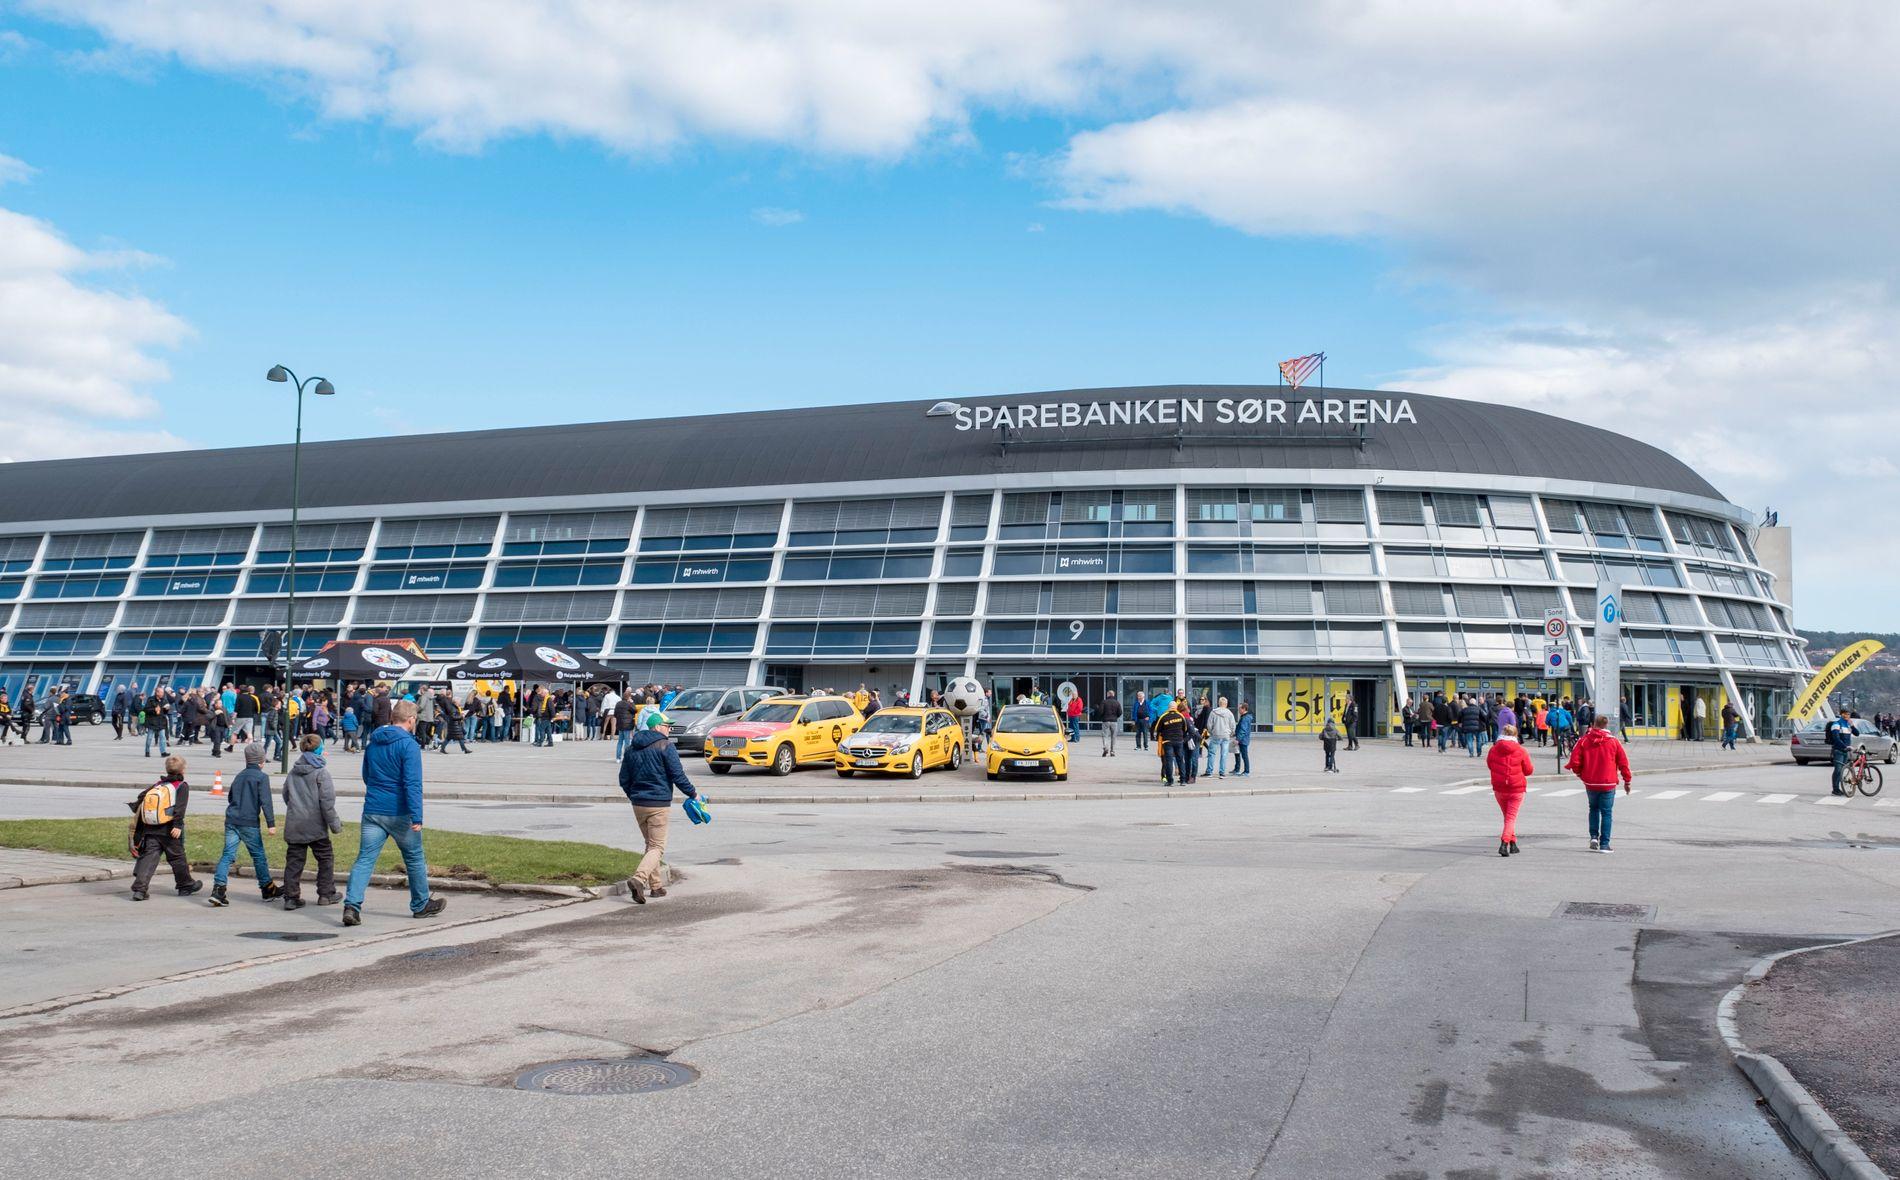 NY GIV: Med nye investorer på banen kan Start få en ny start i norsk fotball.